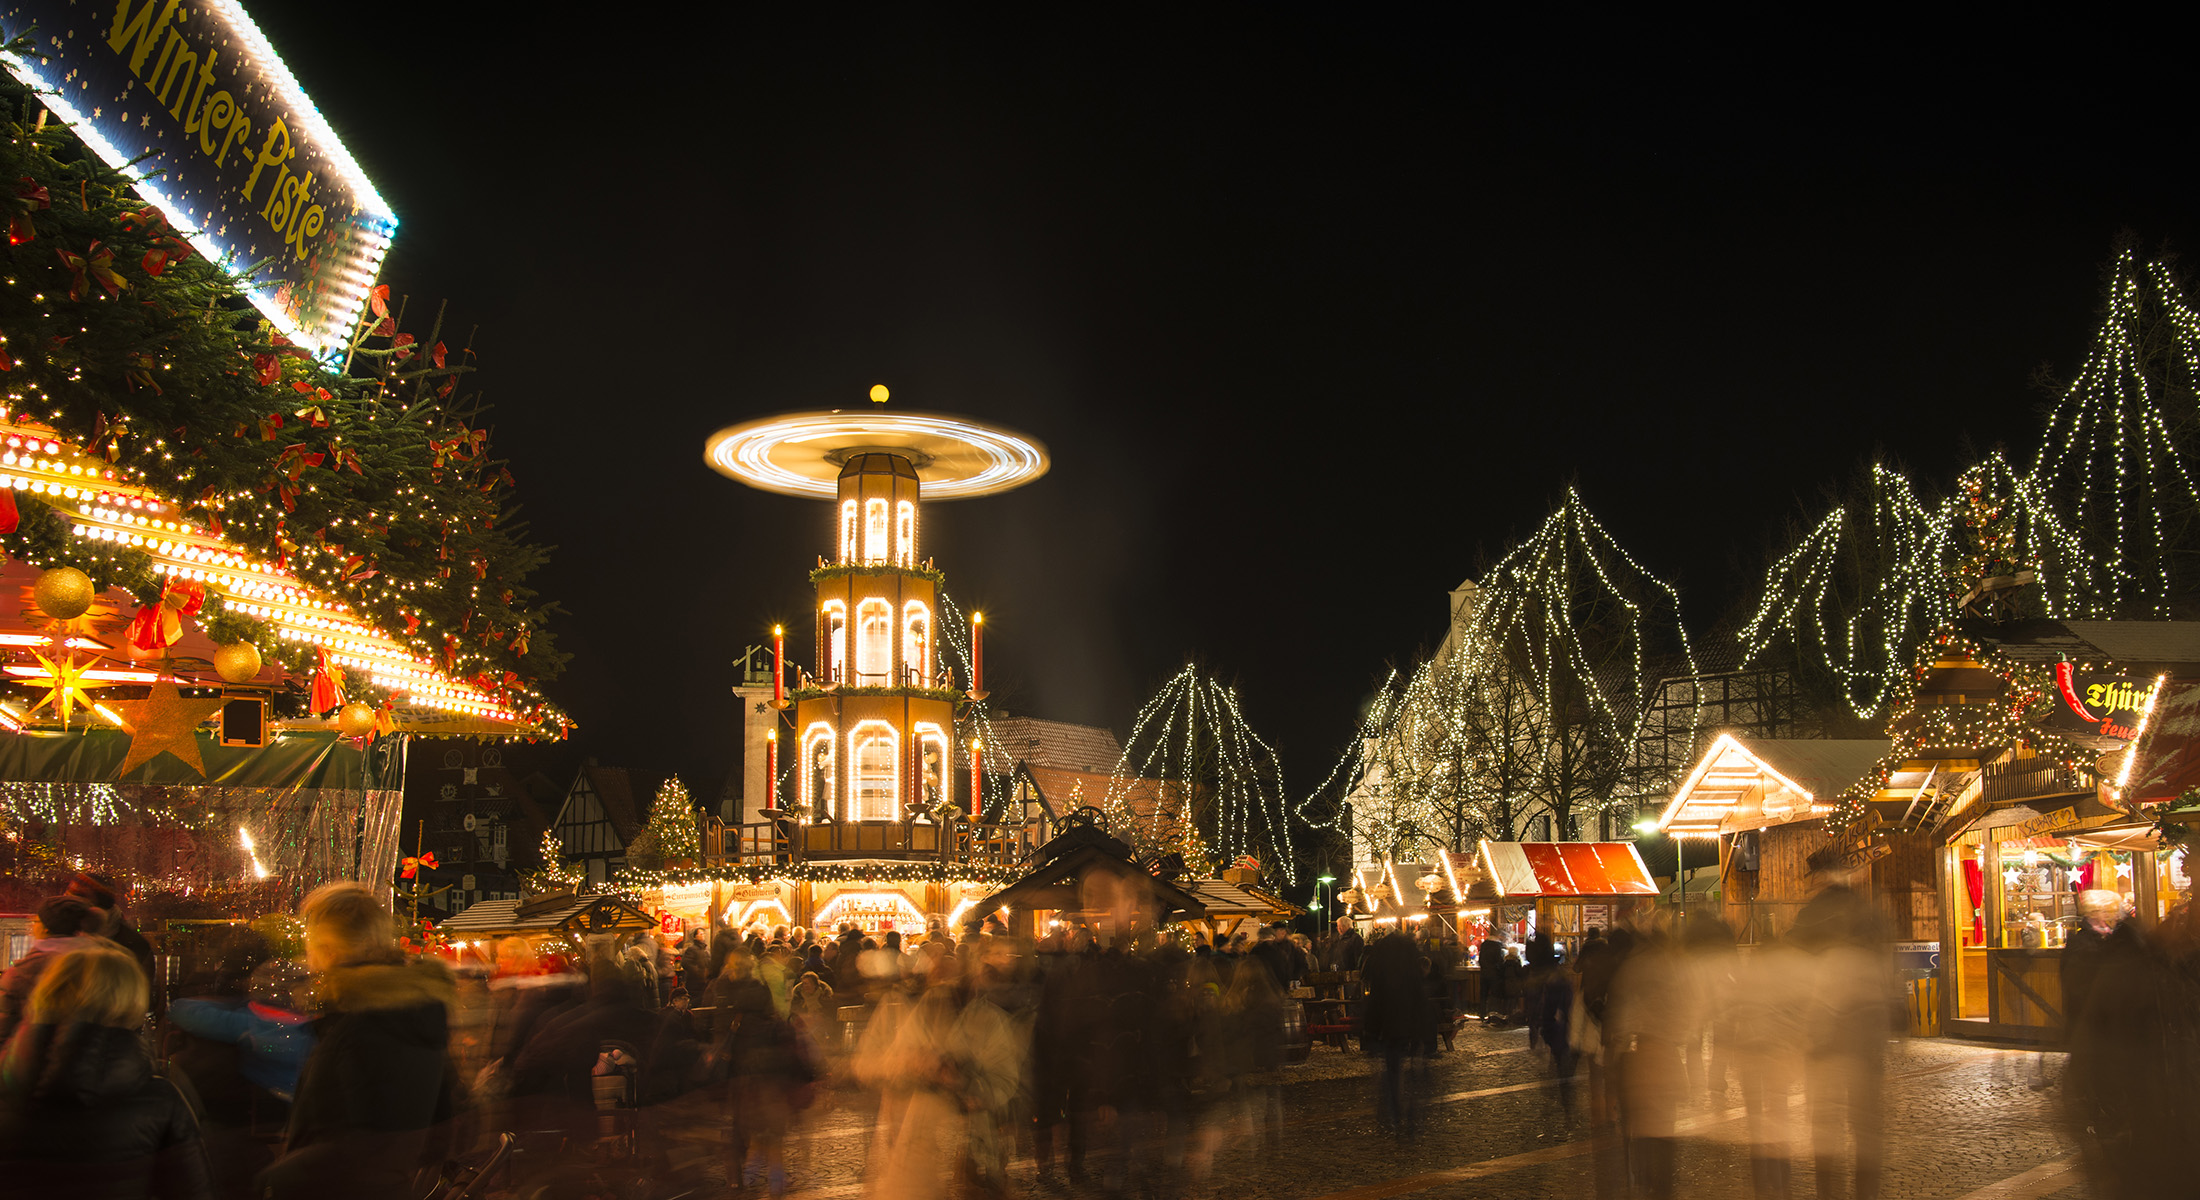 Weihnachtsmarkt in Bad Salzuflen